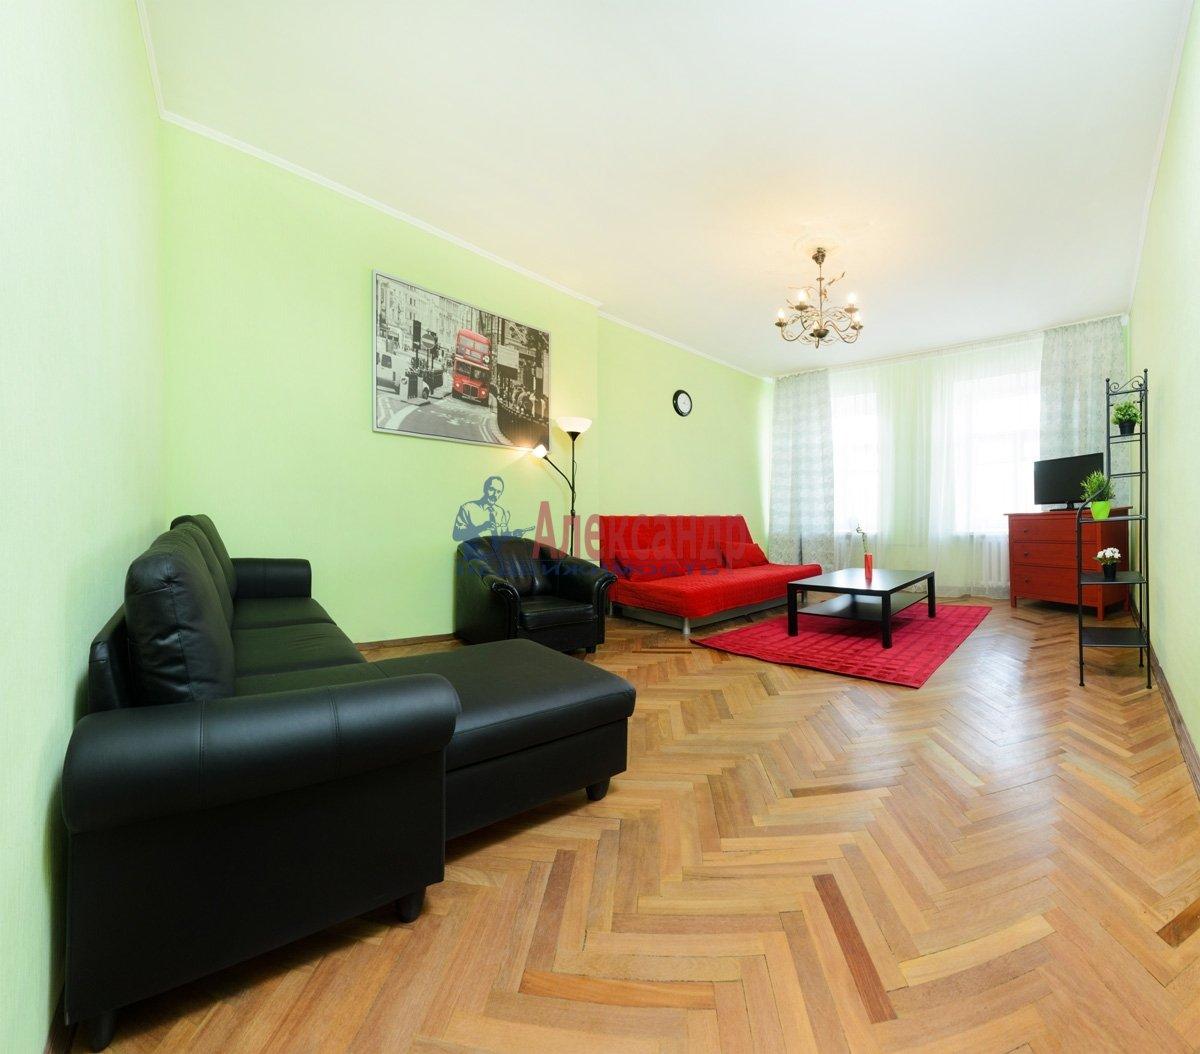 3-комнатная квартира (120м2) в аренду по адресу Правды ул., 5— фото 10 из 12